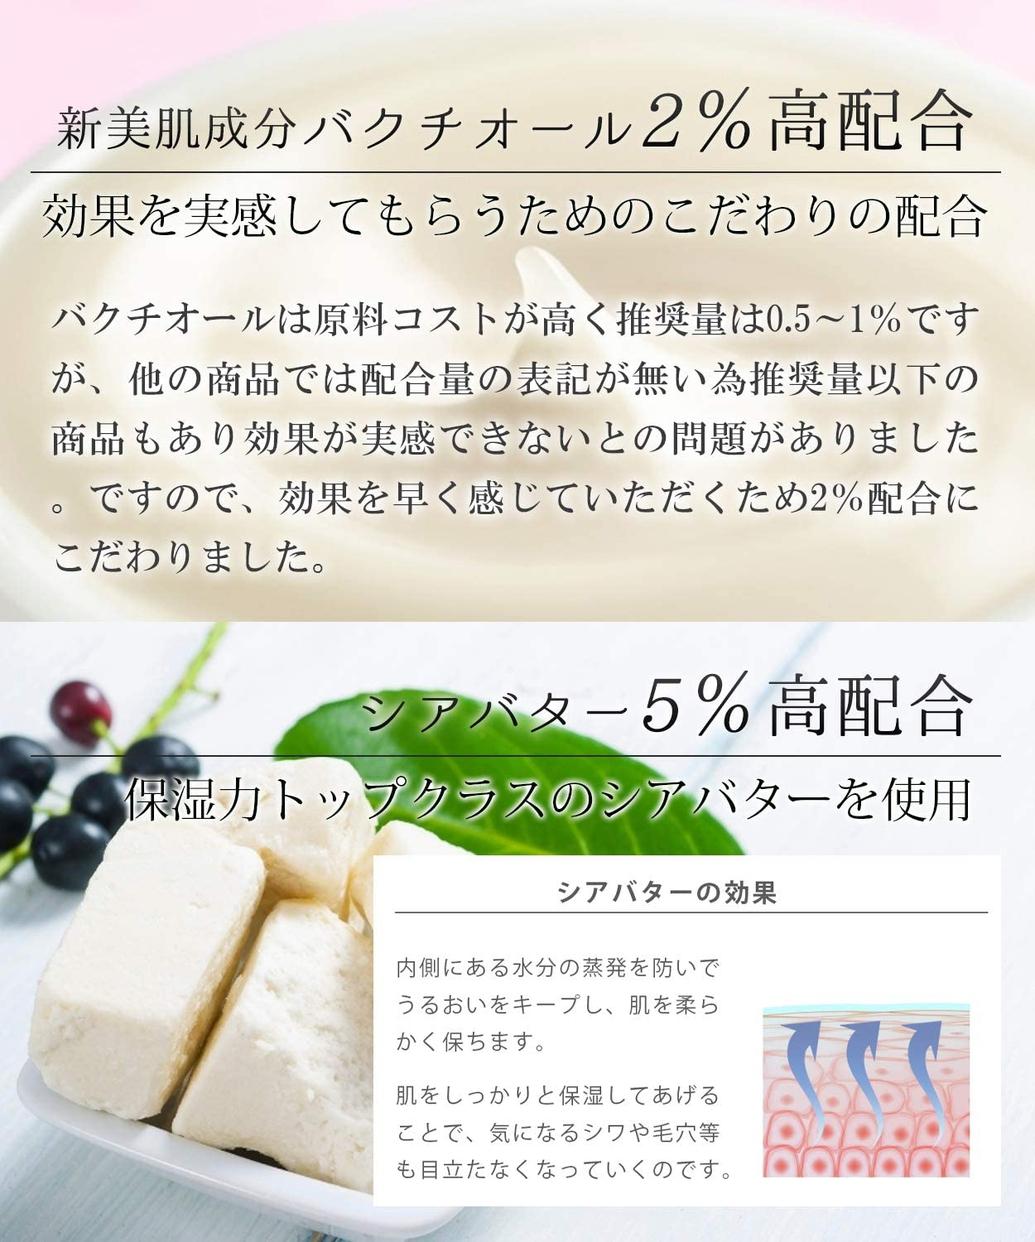 White Rush(ホワイトラッシュ) バクシア モイスチャー アップ クリームの商品画像6